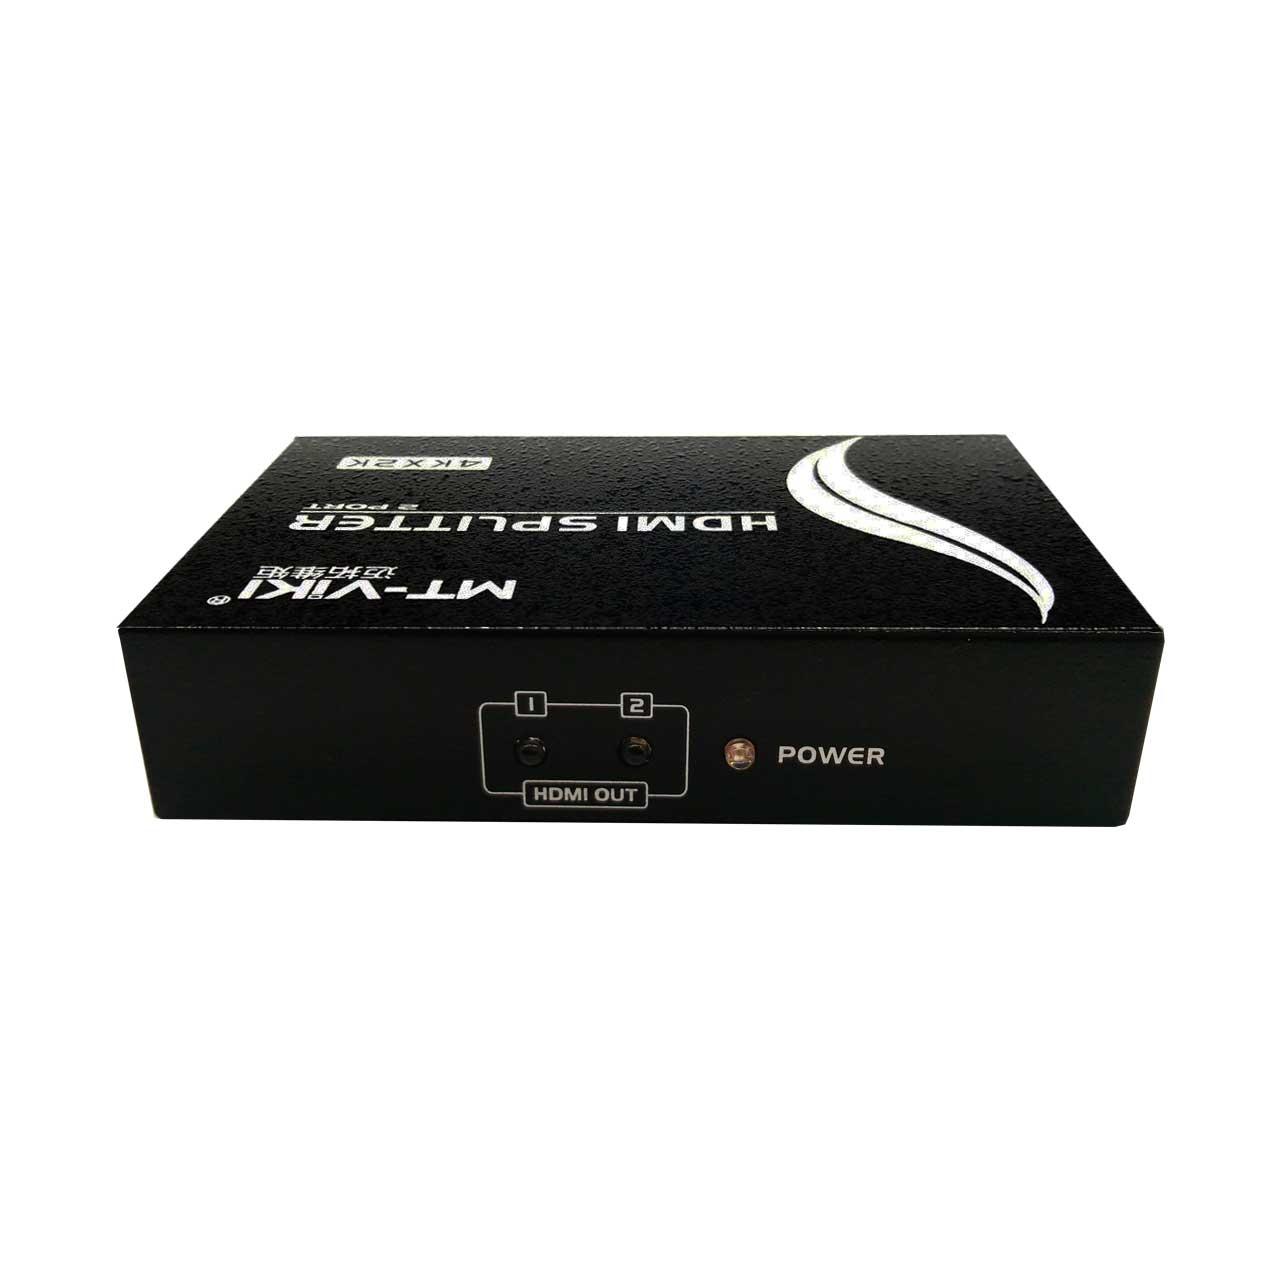 اسپلیتر 1 به 2 HDMI ام تی ویکی مدل MT-SP142